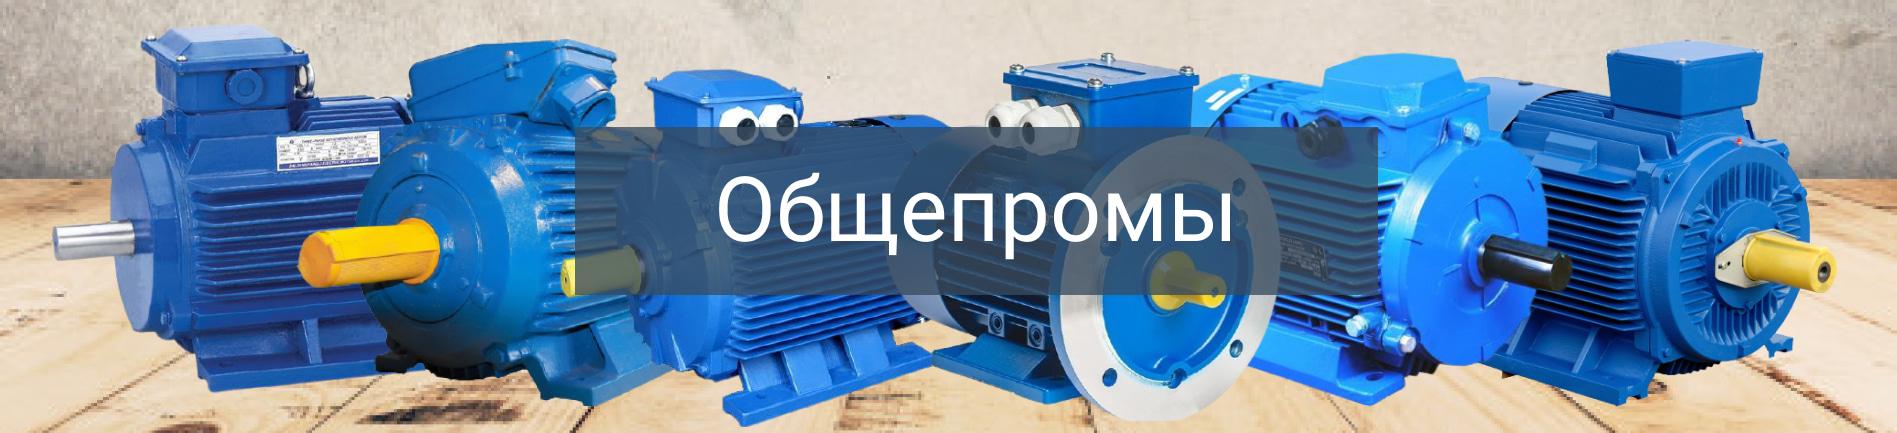 Общепромышленные электродвигатели 75 квт